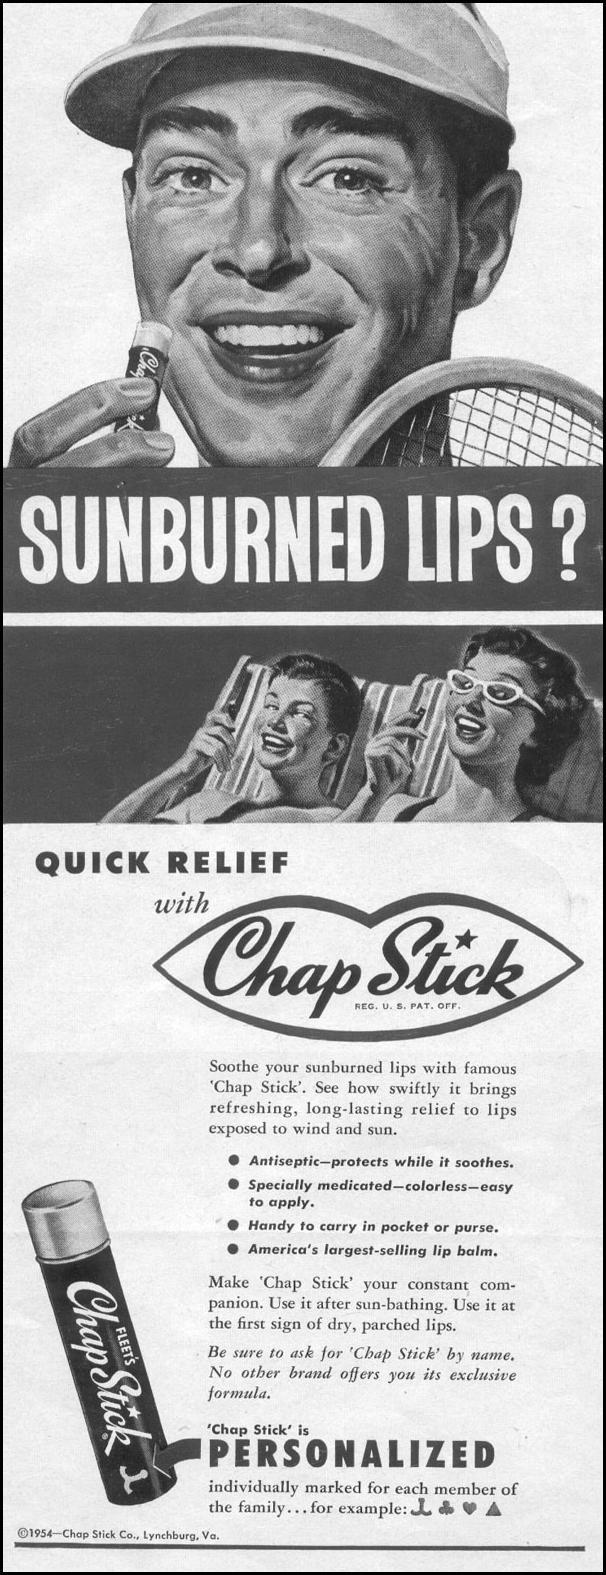 FLEET'S CHAP STICK LIP BALM LIFE 07/12/1954 p. 4